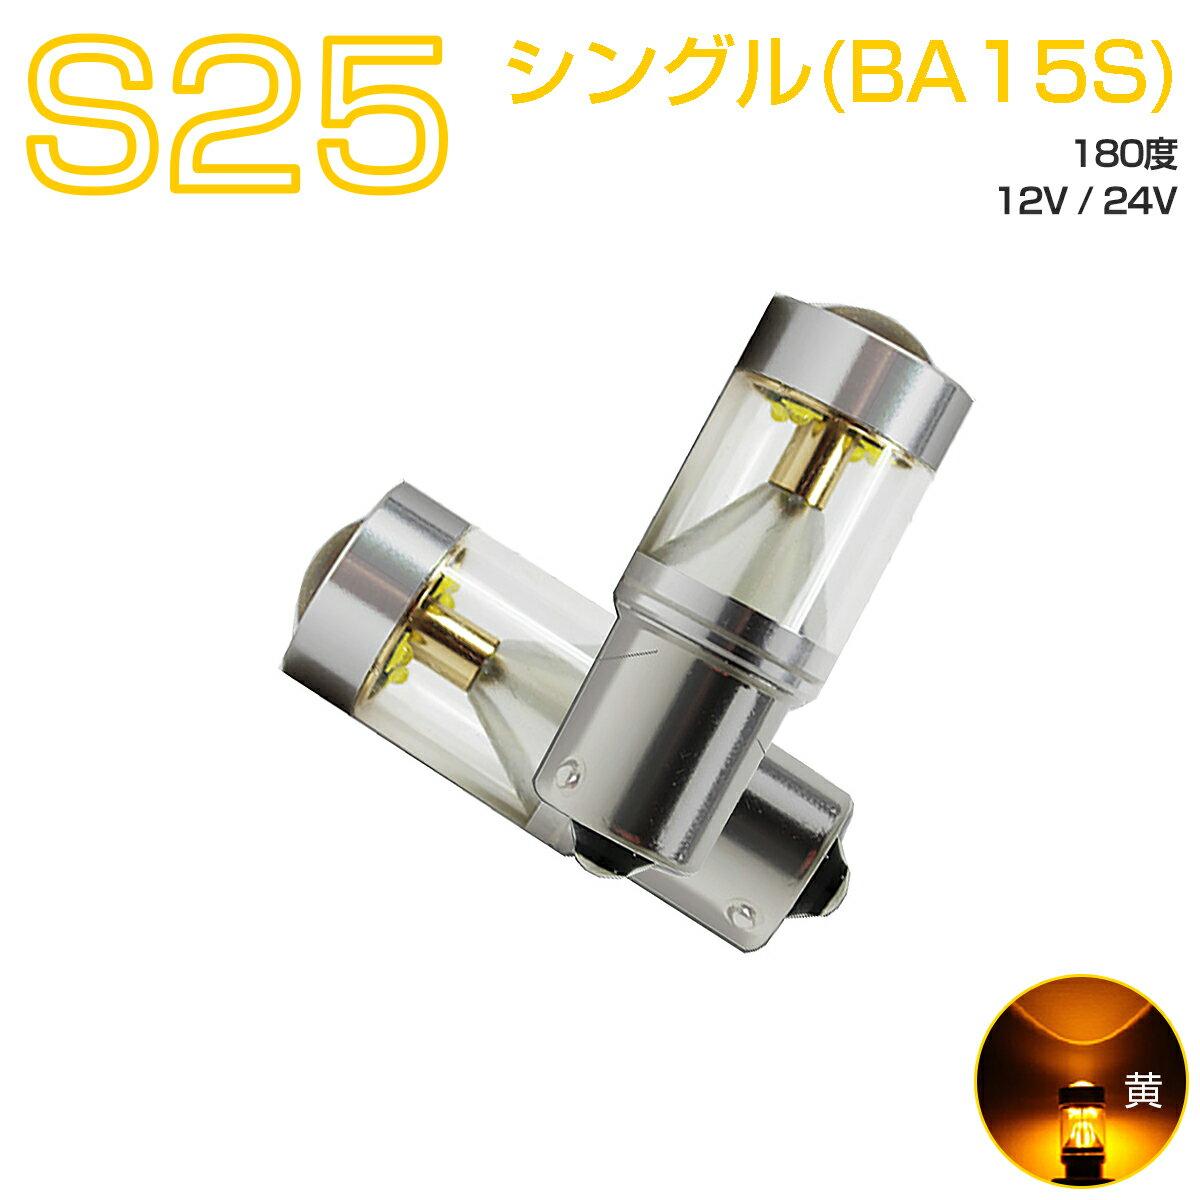 SUZUKI スイフト(マイナー後) H19.5〜H22.8 ZC11・71系 スポーツ含む ウインカー リア [S25シングル] 発光色 アンバー 2個入り CREE LED S25シングル(BA15S) ネコポス便送料無料 6ヶ月保証 K&M